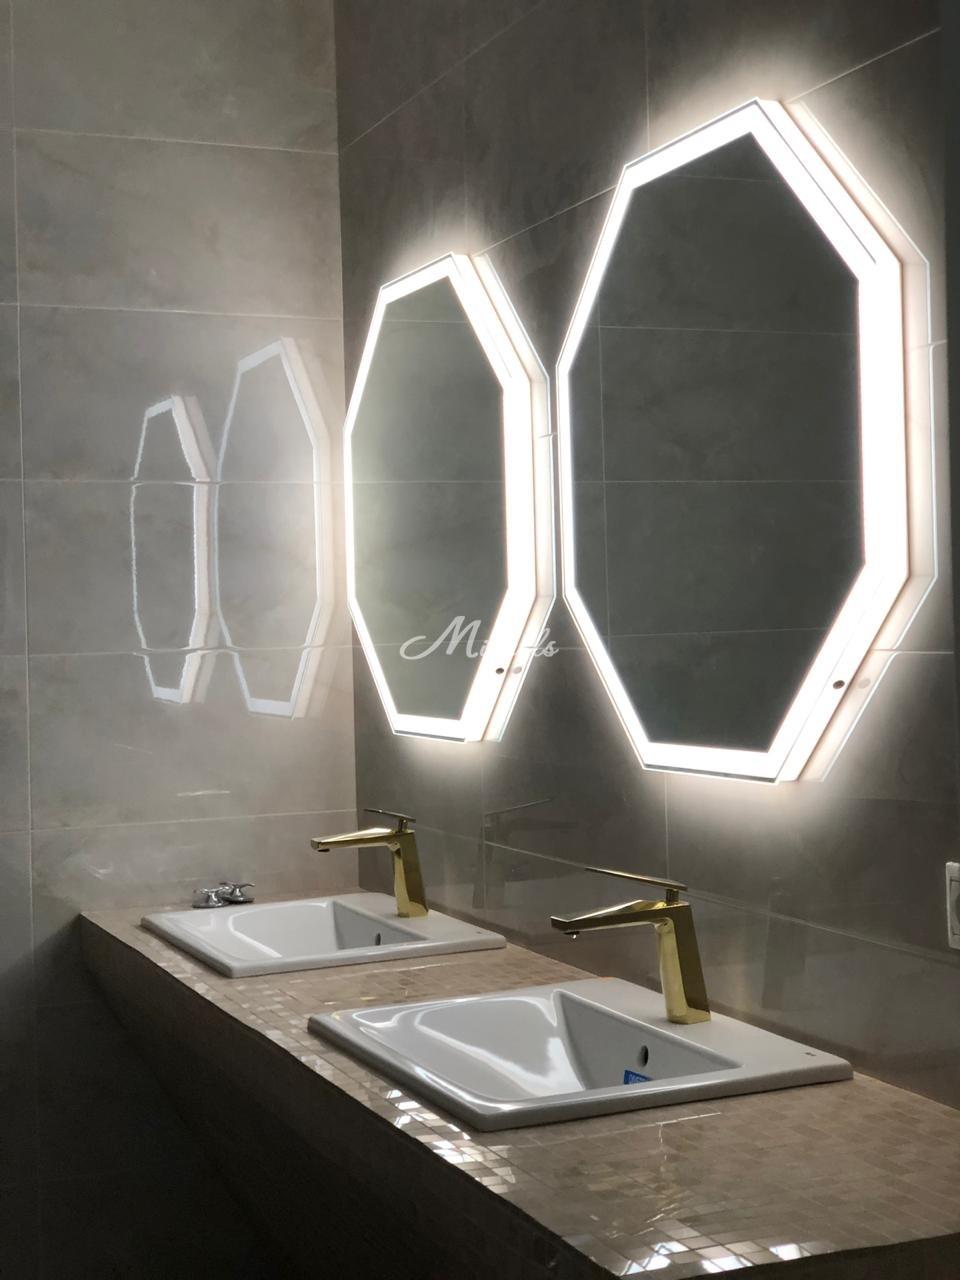 Зеркало Prisma с сенсором движения в частной квартире (МФЦ Сити, Око)